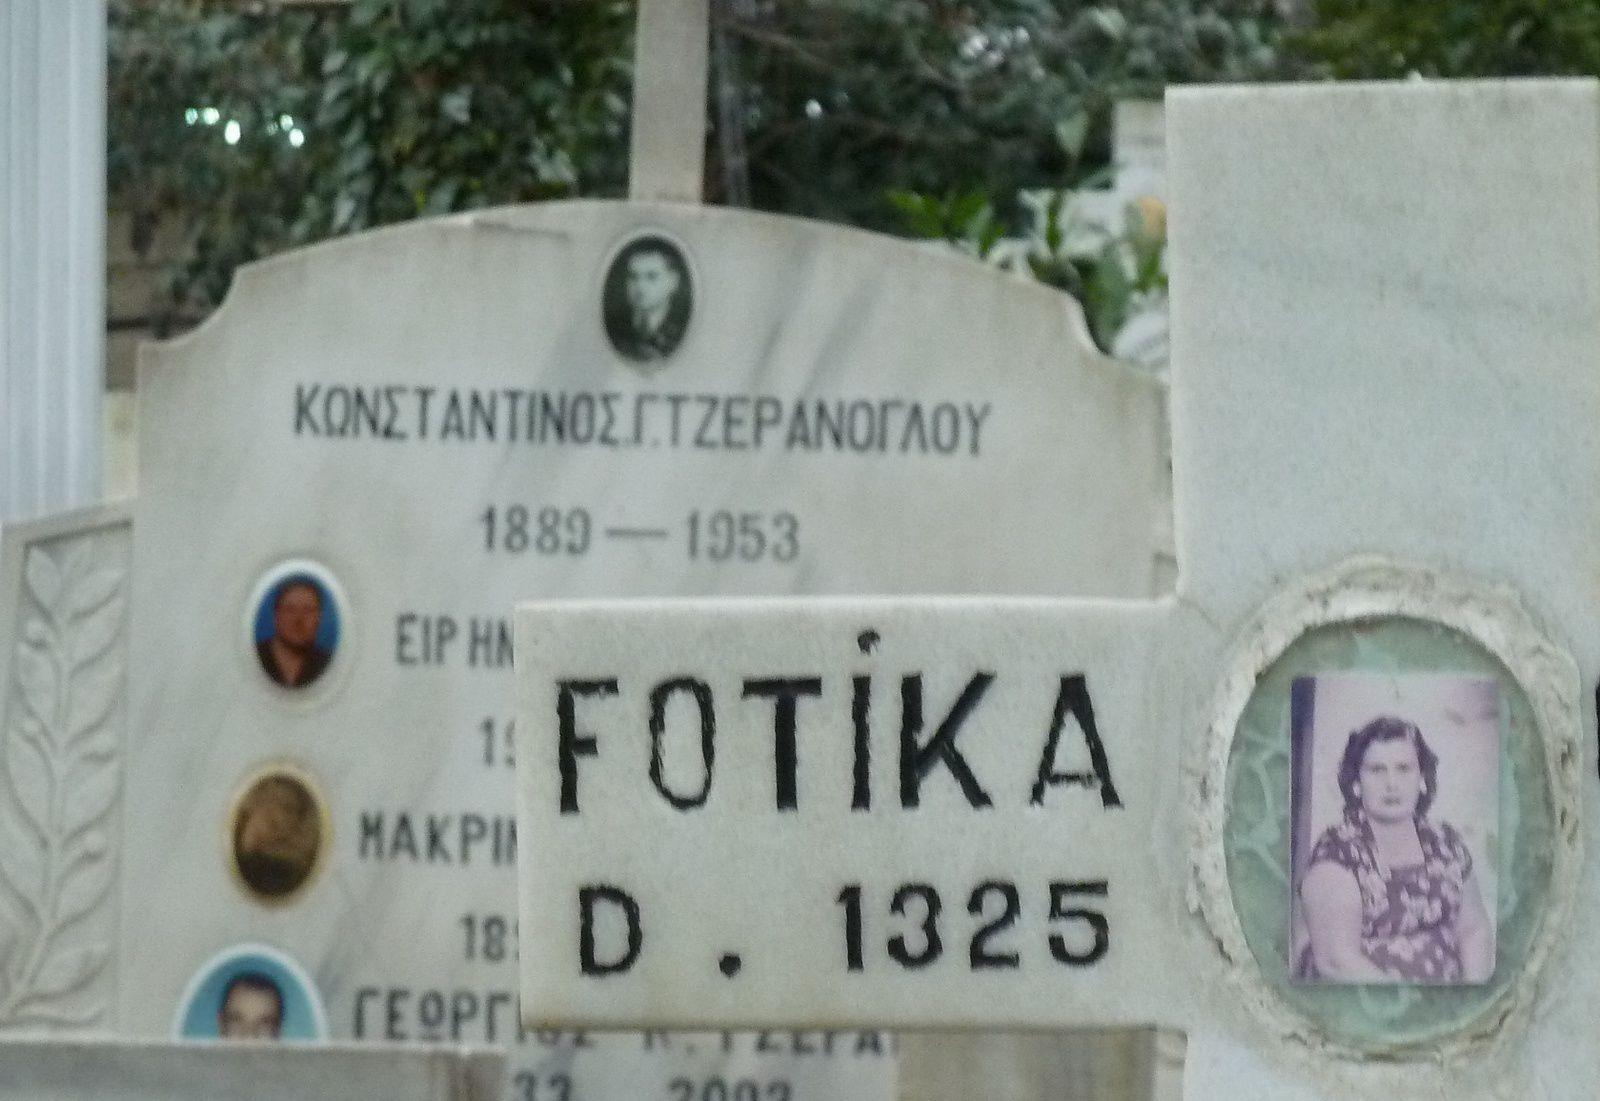 Au cimetière arménien et orthodoxe d'Üsküdar (Istanbul), février 2015. Cliché E.C.